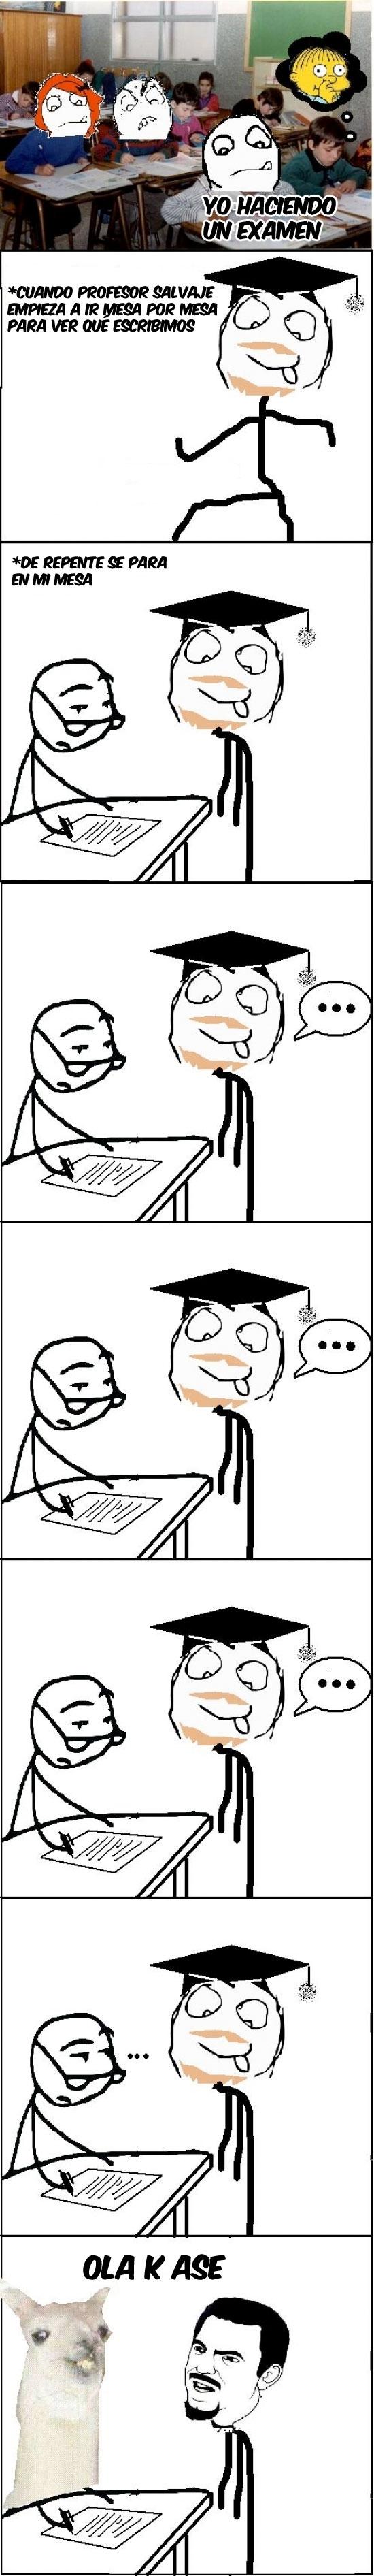 colegio,Examen,instituto,ola k ase,profesor